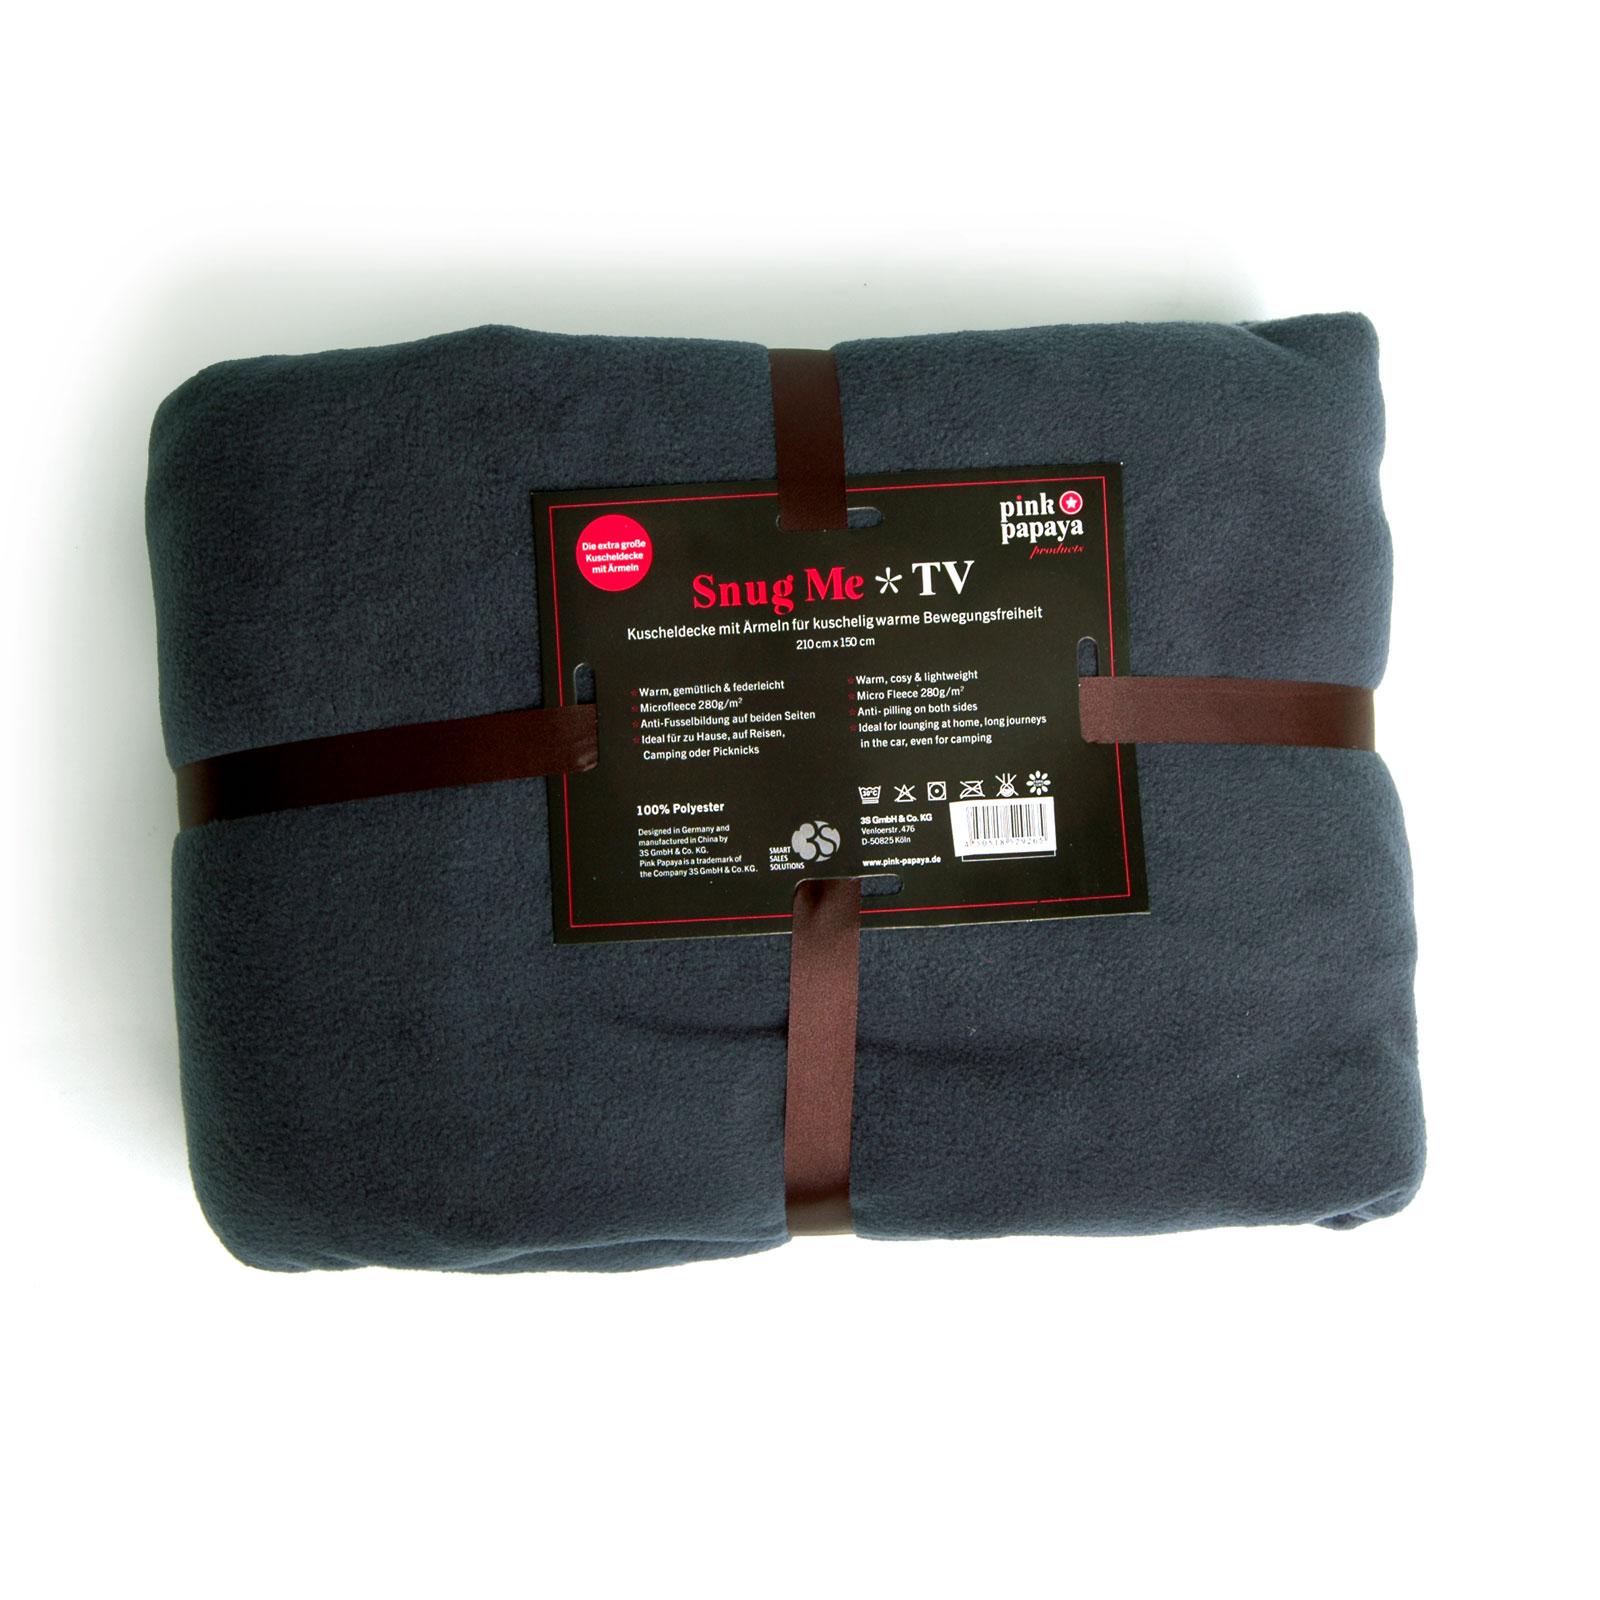 Snug Me Deluxe Anthrazit - Coral Decke mit Ärmeln und Fußtasche